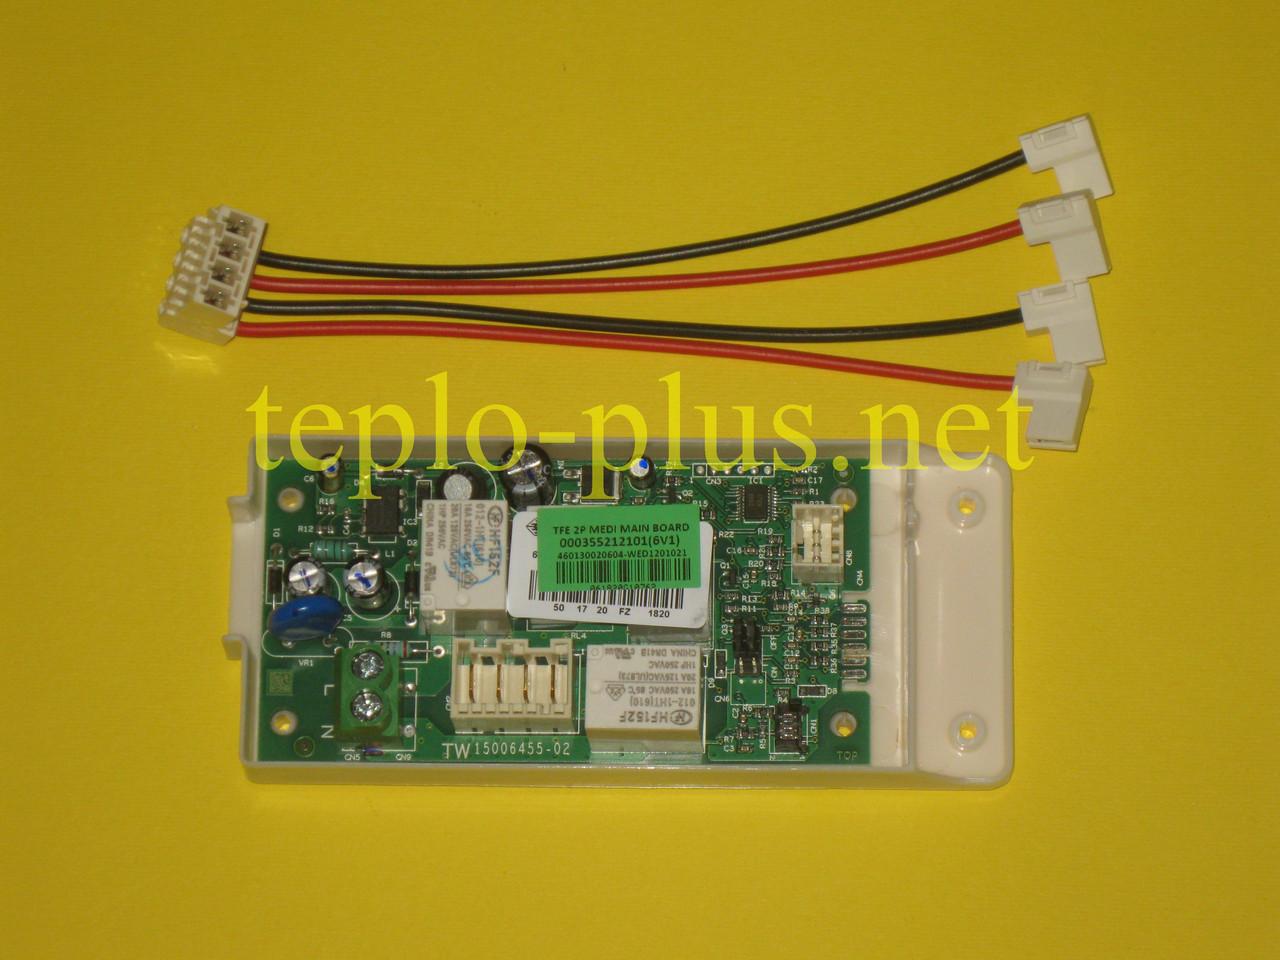 Плата основная (силовая) 65180047 ЭВН Ariston ABS PRO ECO PW 50 V, PW 80 V, PW 120 V, PW 150 V